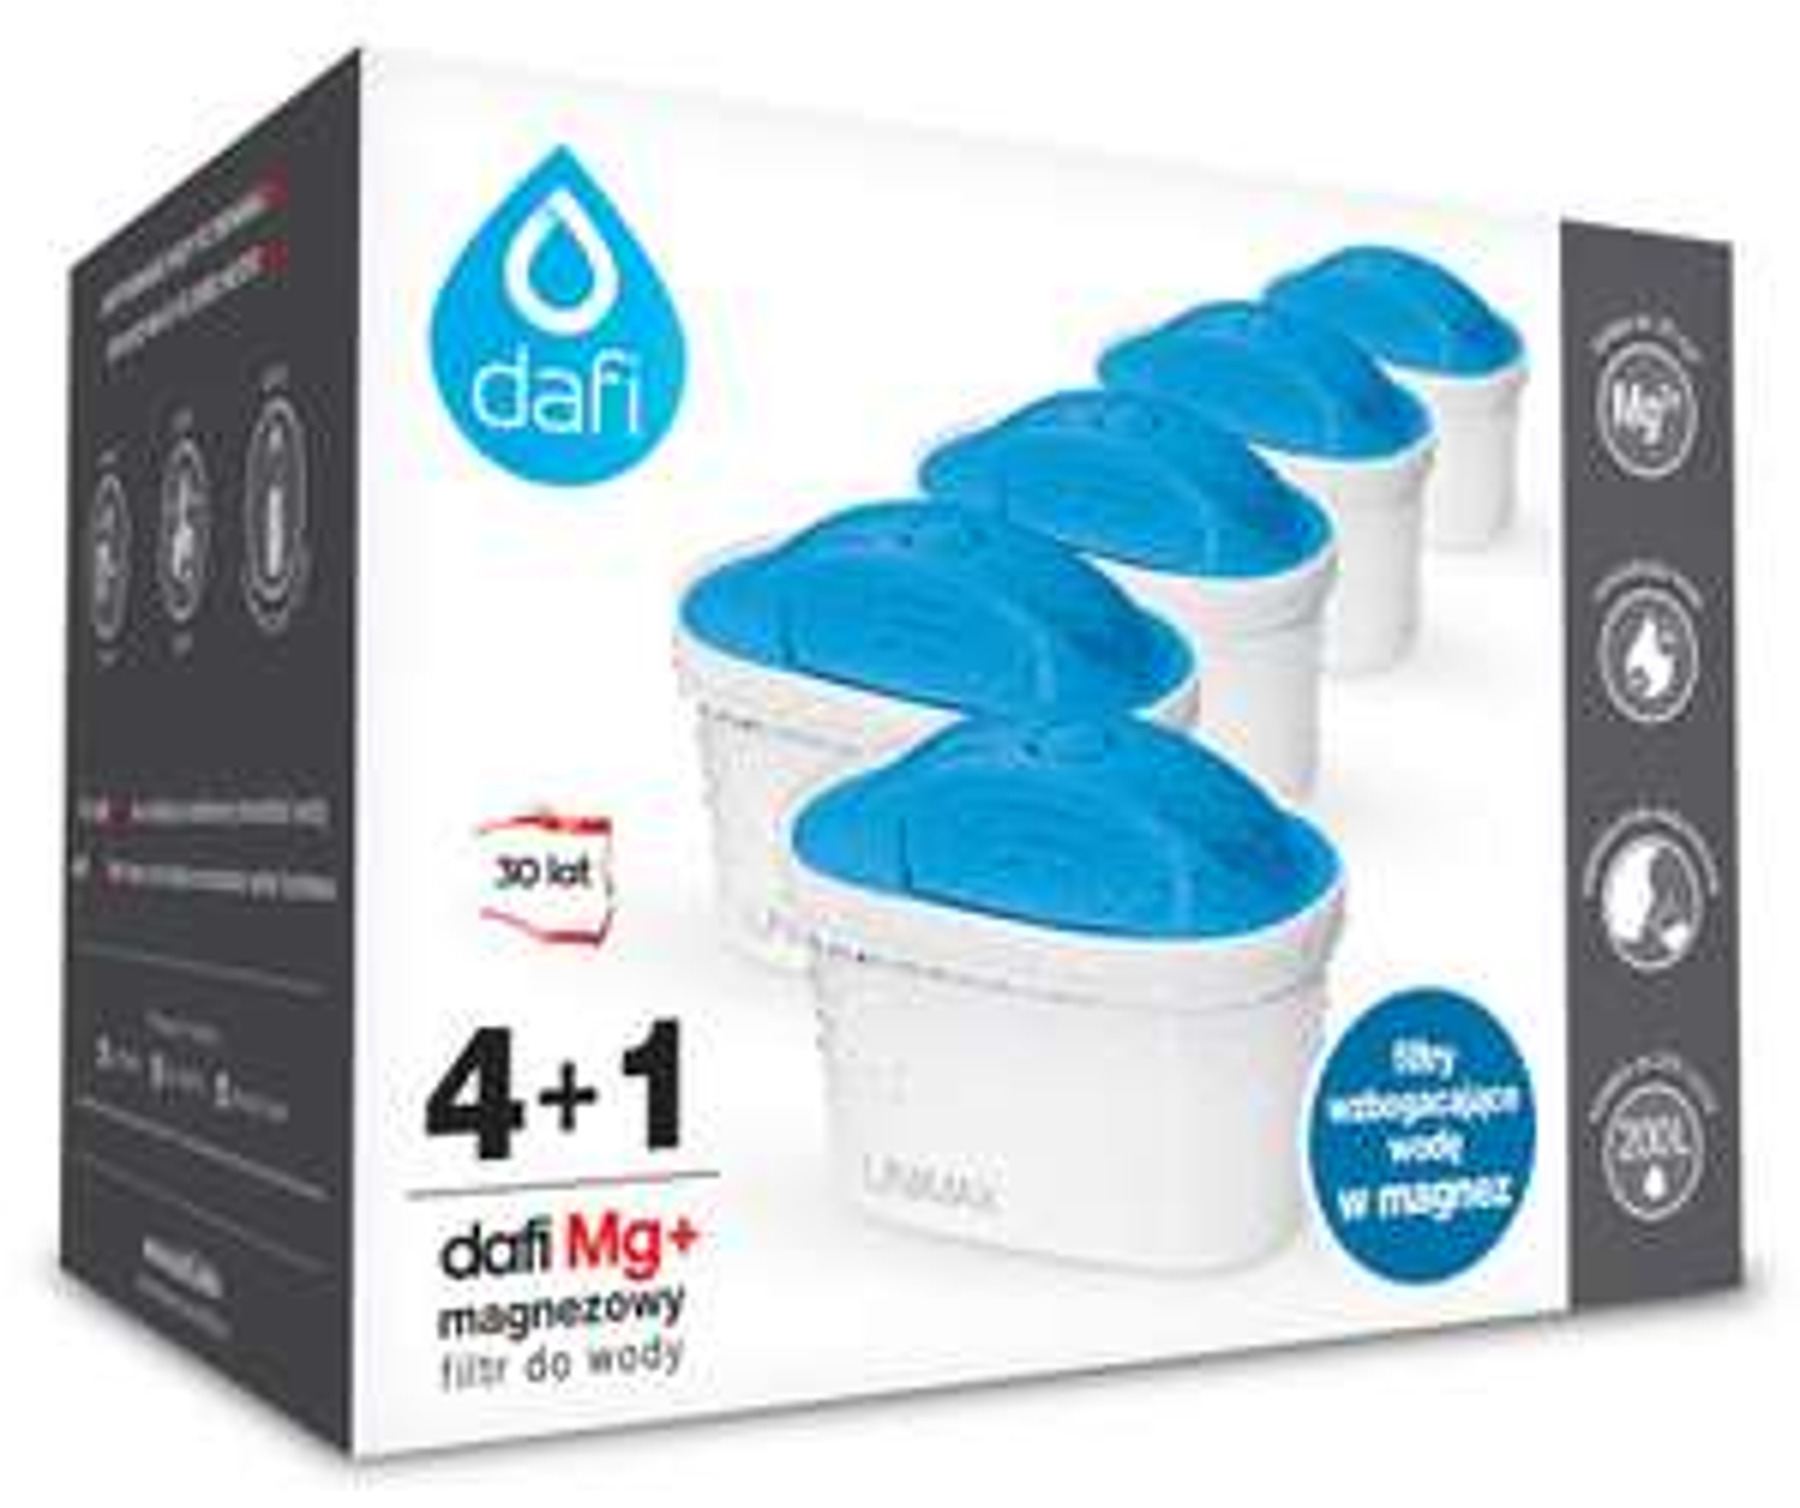 Filtr magnezowy Dafi Unimax 5szt. (4+1) oraz standard (4+1 Mg), w Carrefour (stacjonarnie- produkt z gazetki)